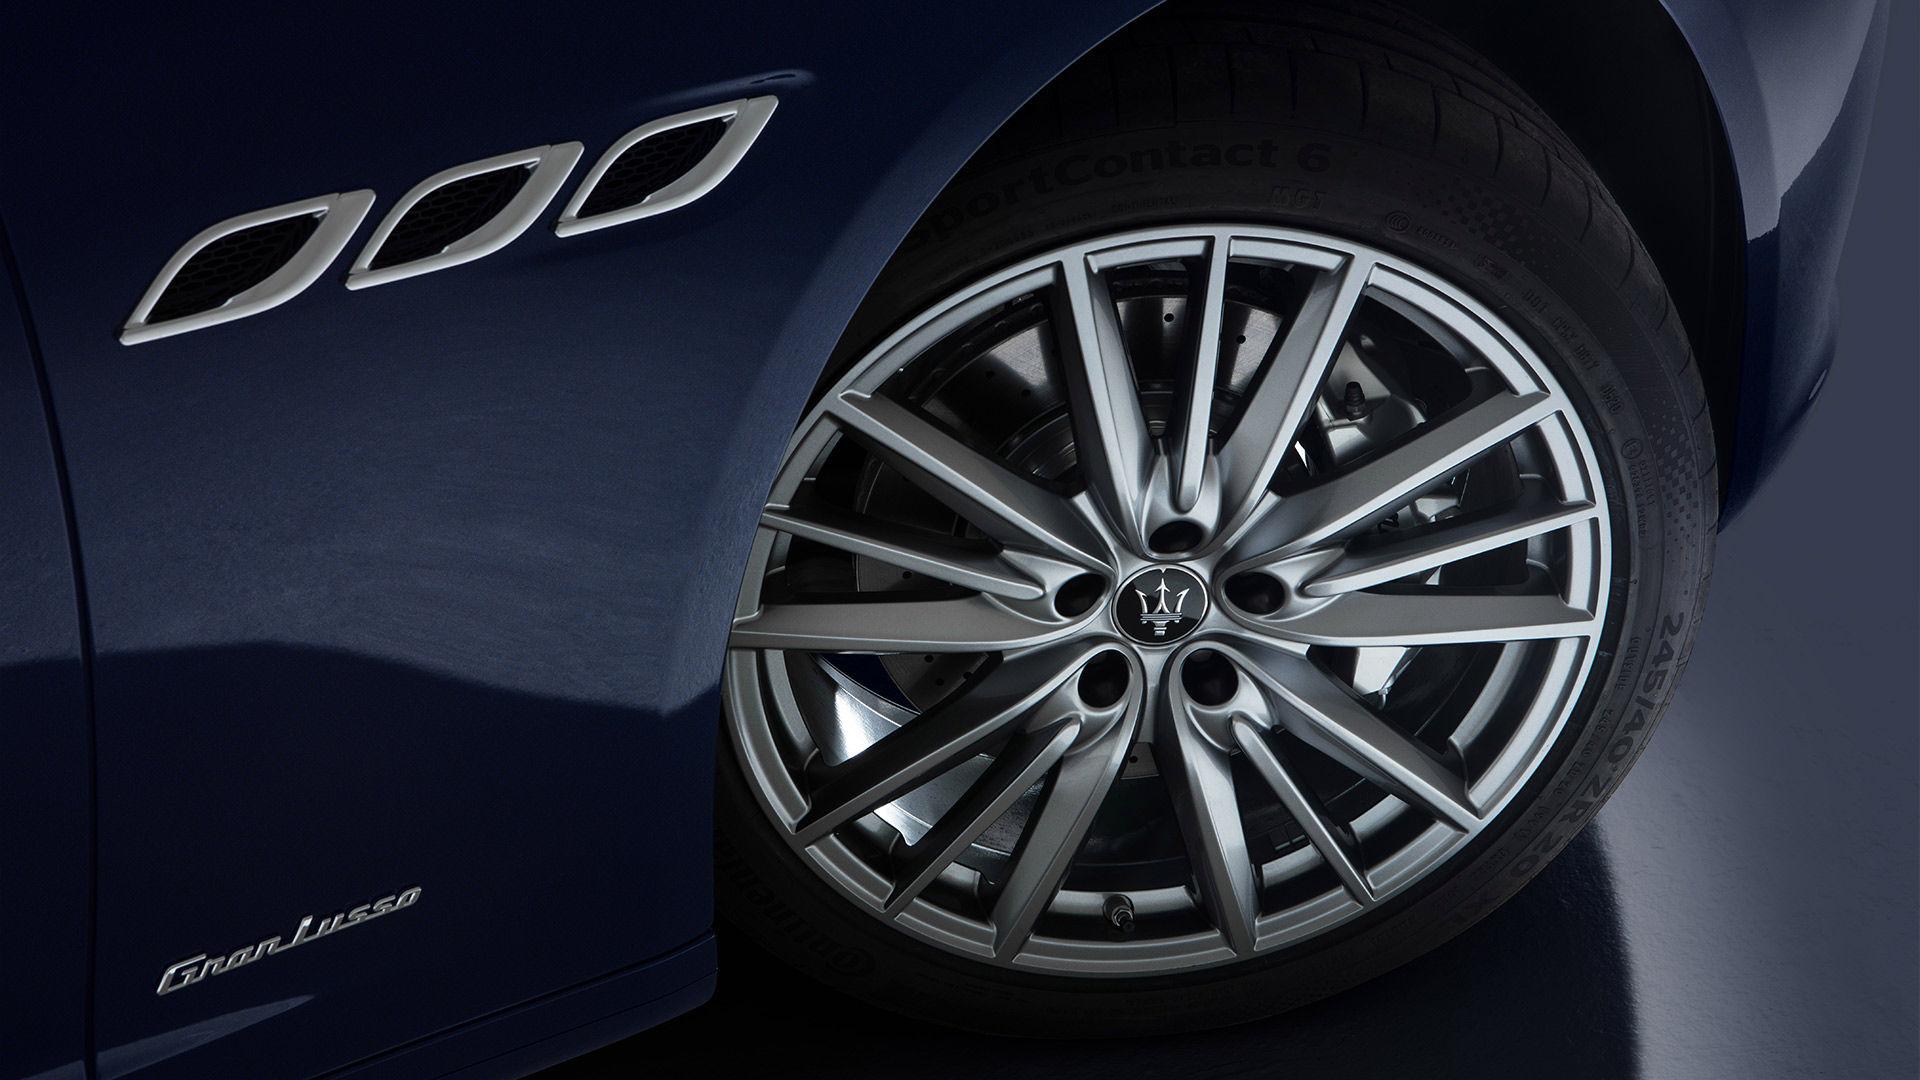 Maserati Quattroporte - Felge und seitliche Lufteinlässe - Nahaufnahme